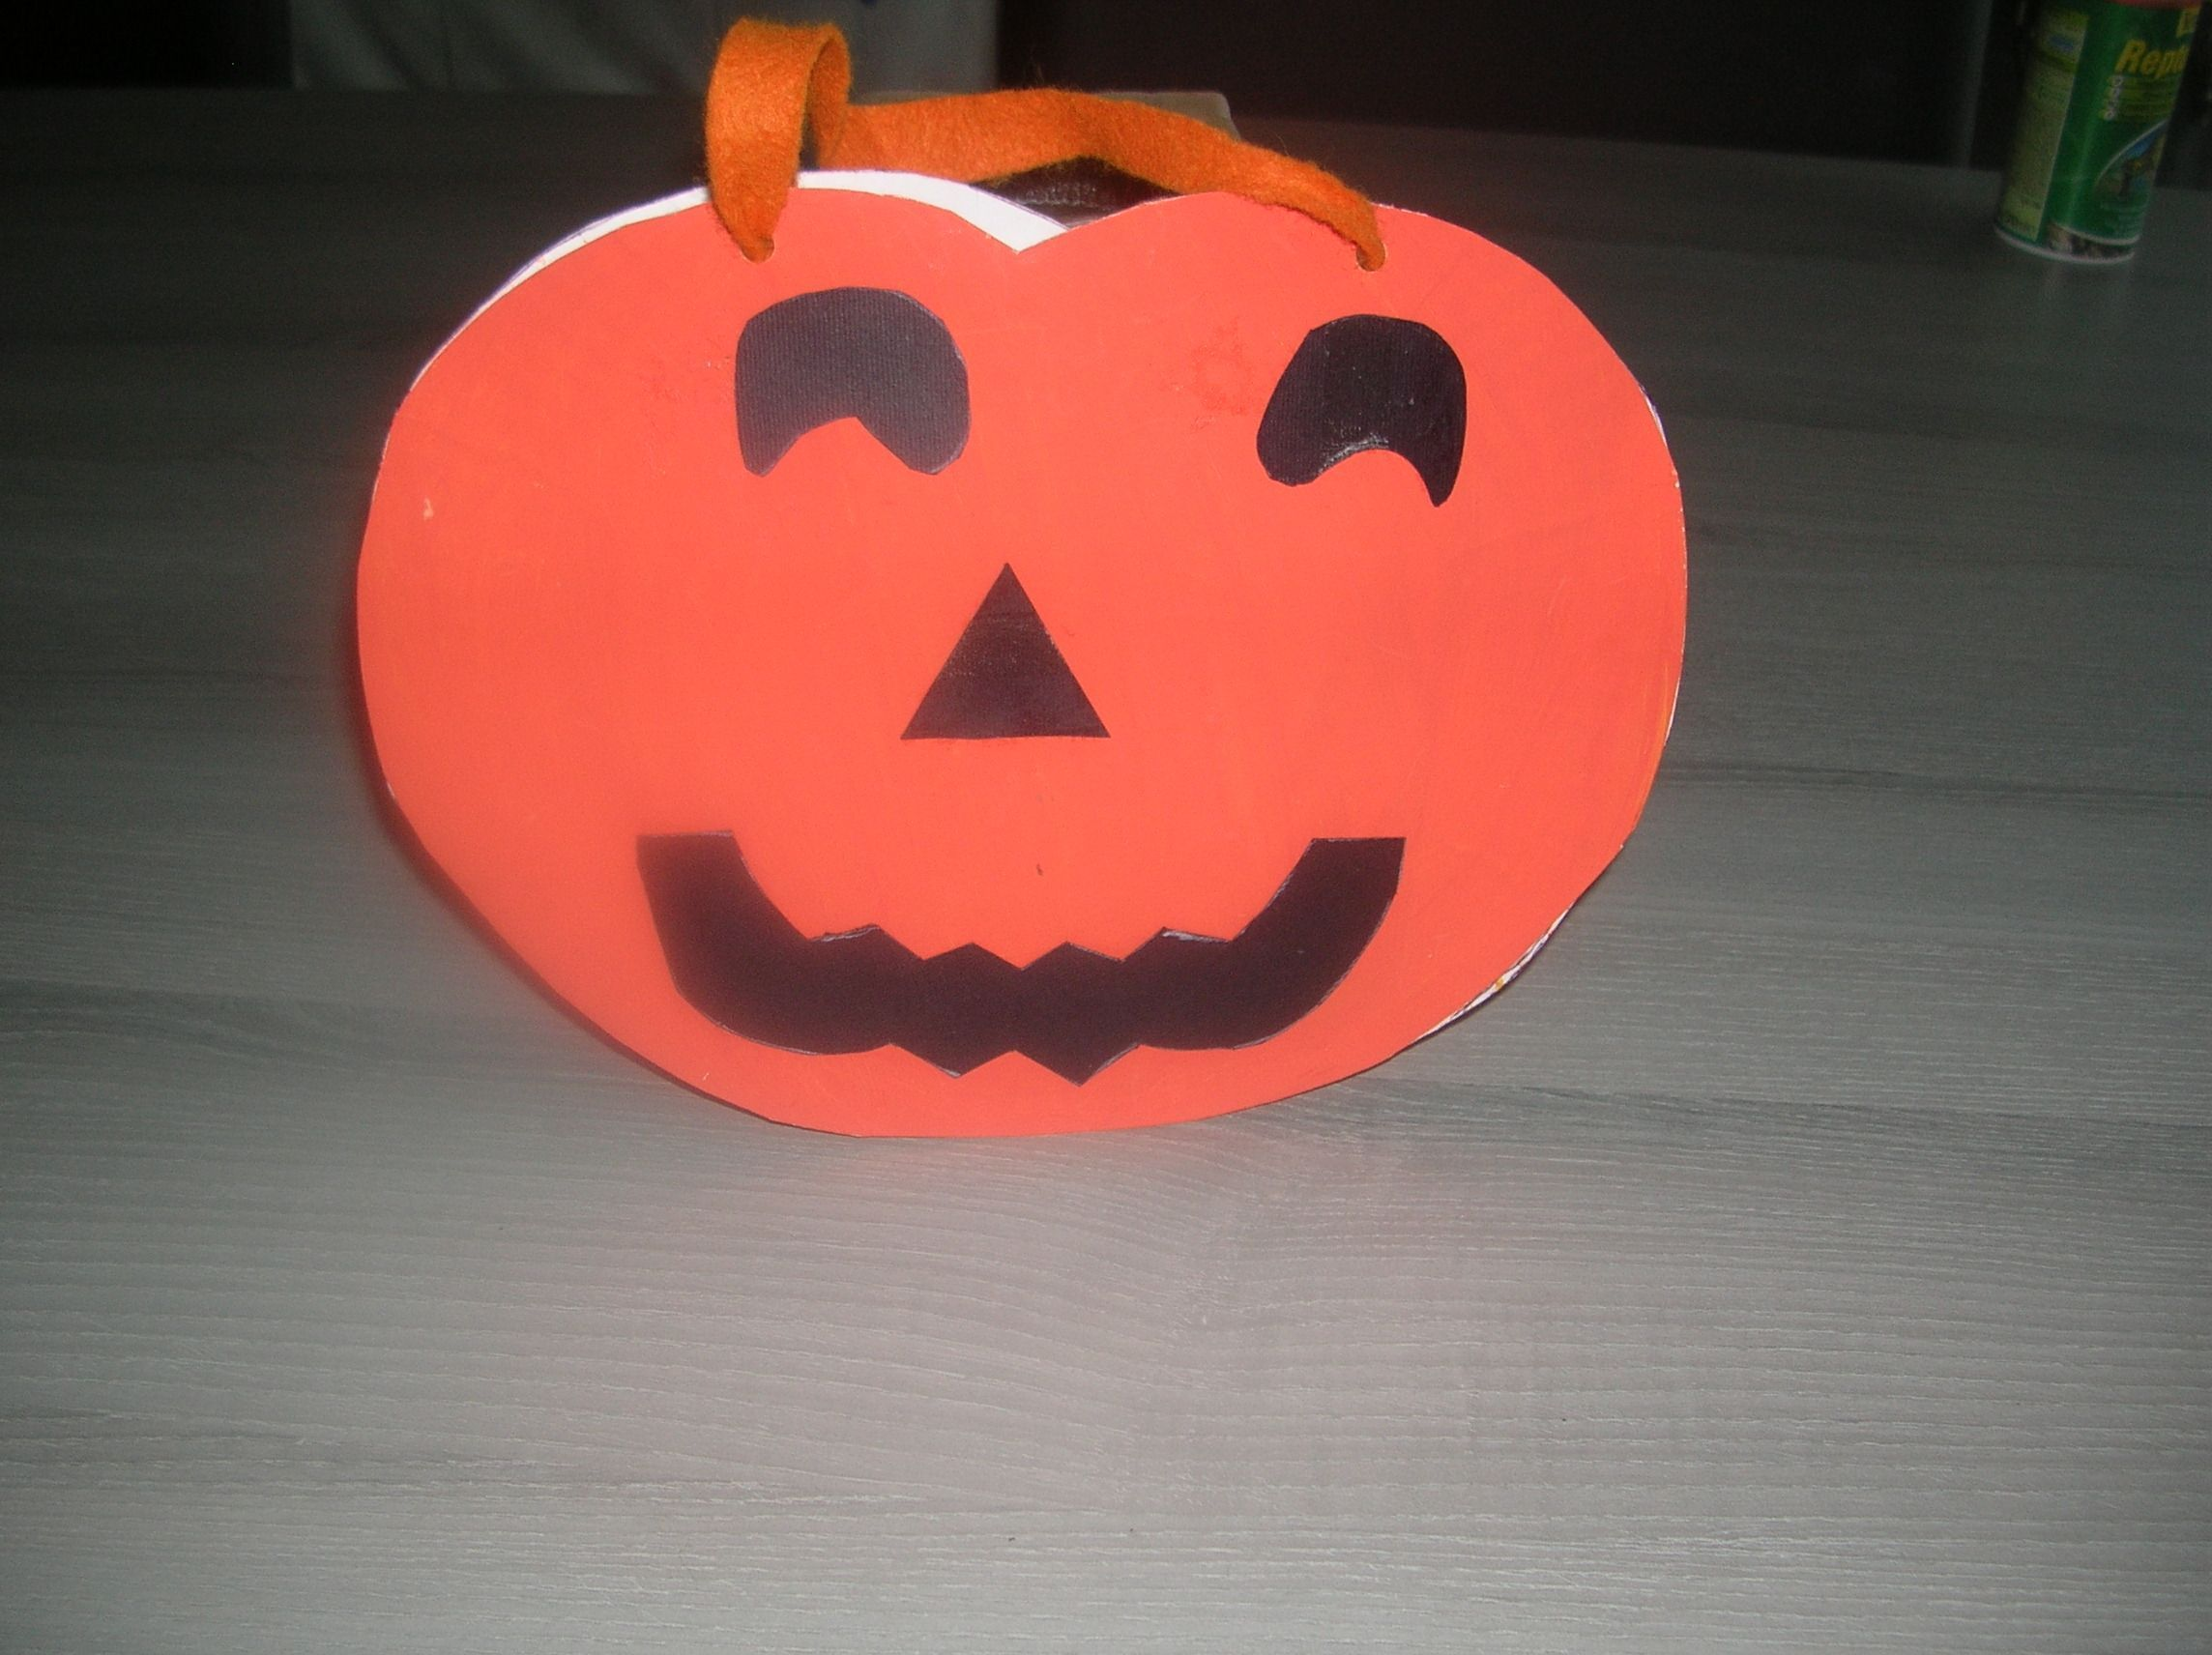 Sac de bonbons - Comment fabriquer un sac a bonbon pour halloween ...